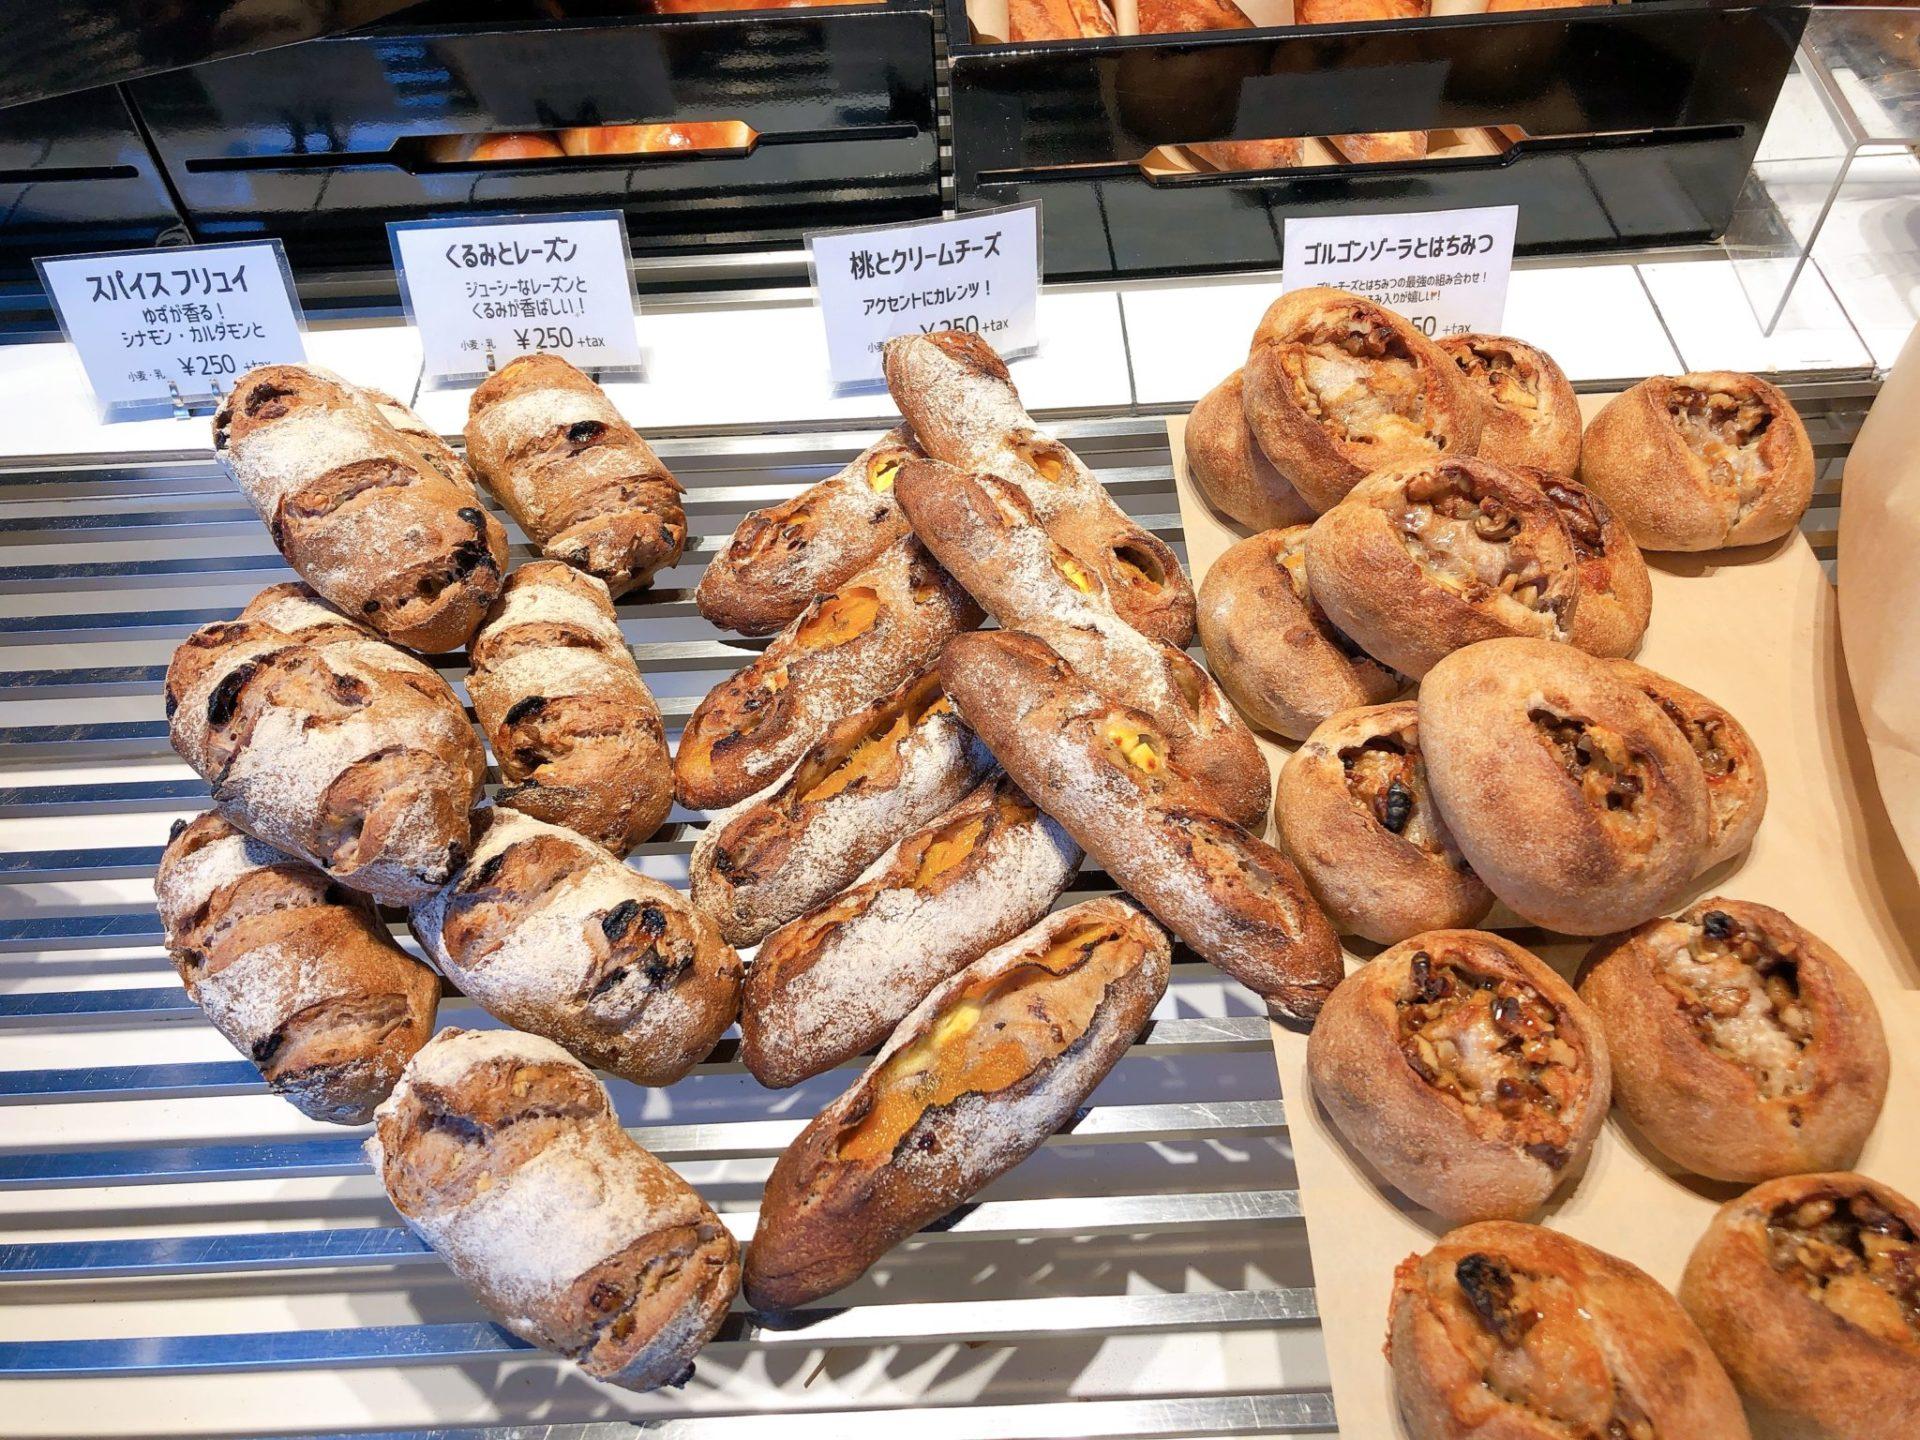 トリュフベーカリー三軒茶屋店のハード系パン